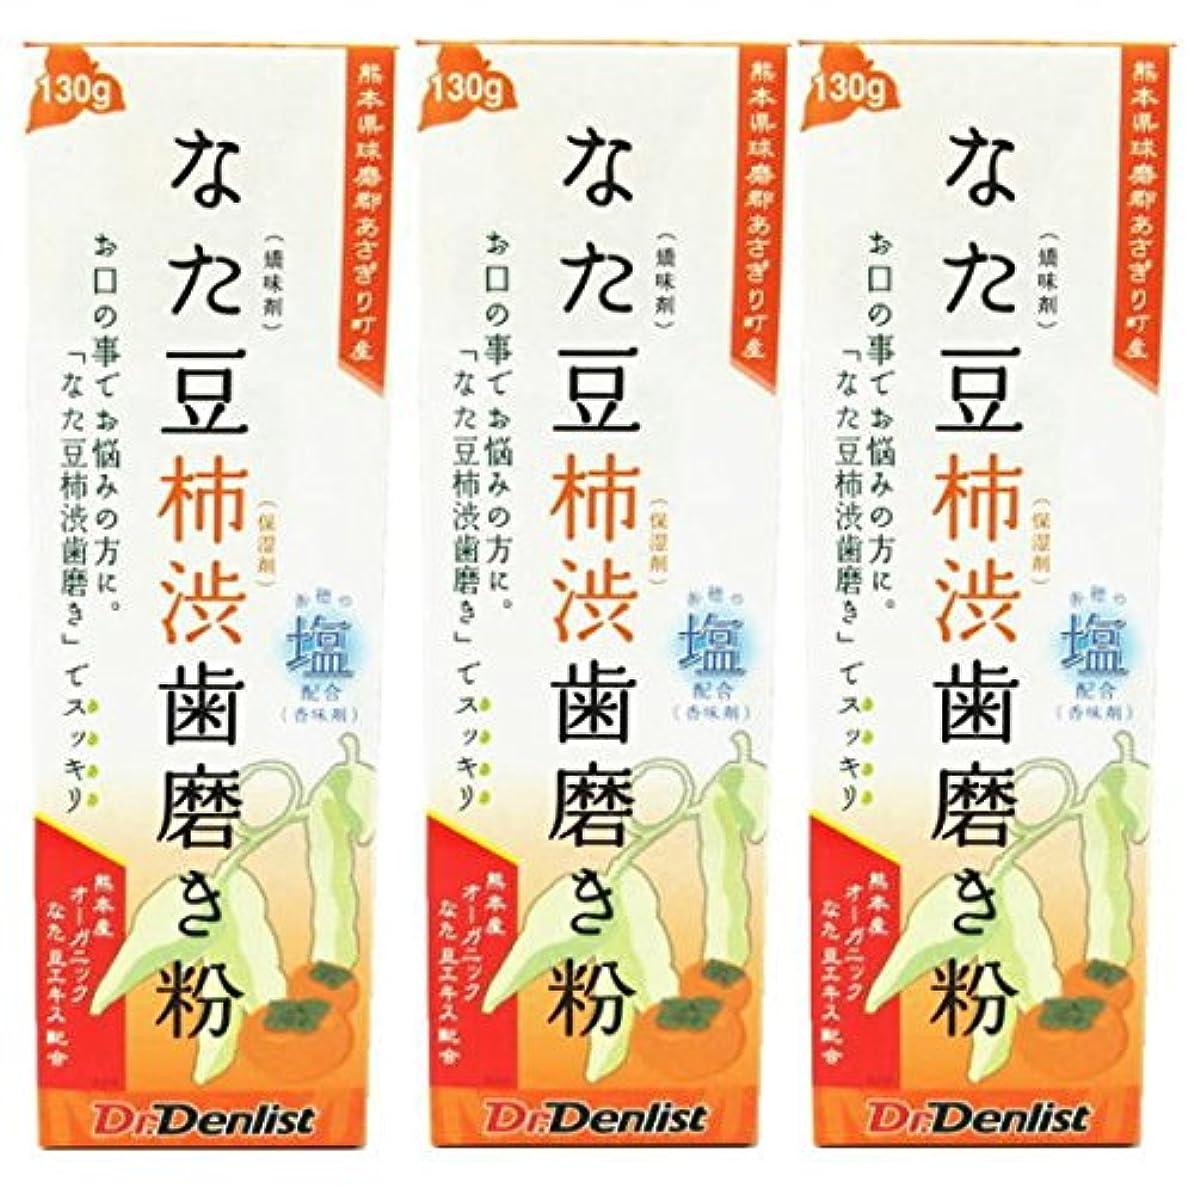 パトワ好色な既になた豆柿渋歯磨き 130g 3個セット 国産 有機なた豆使用 赤穂の塩配合(香味剤)